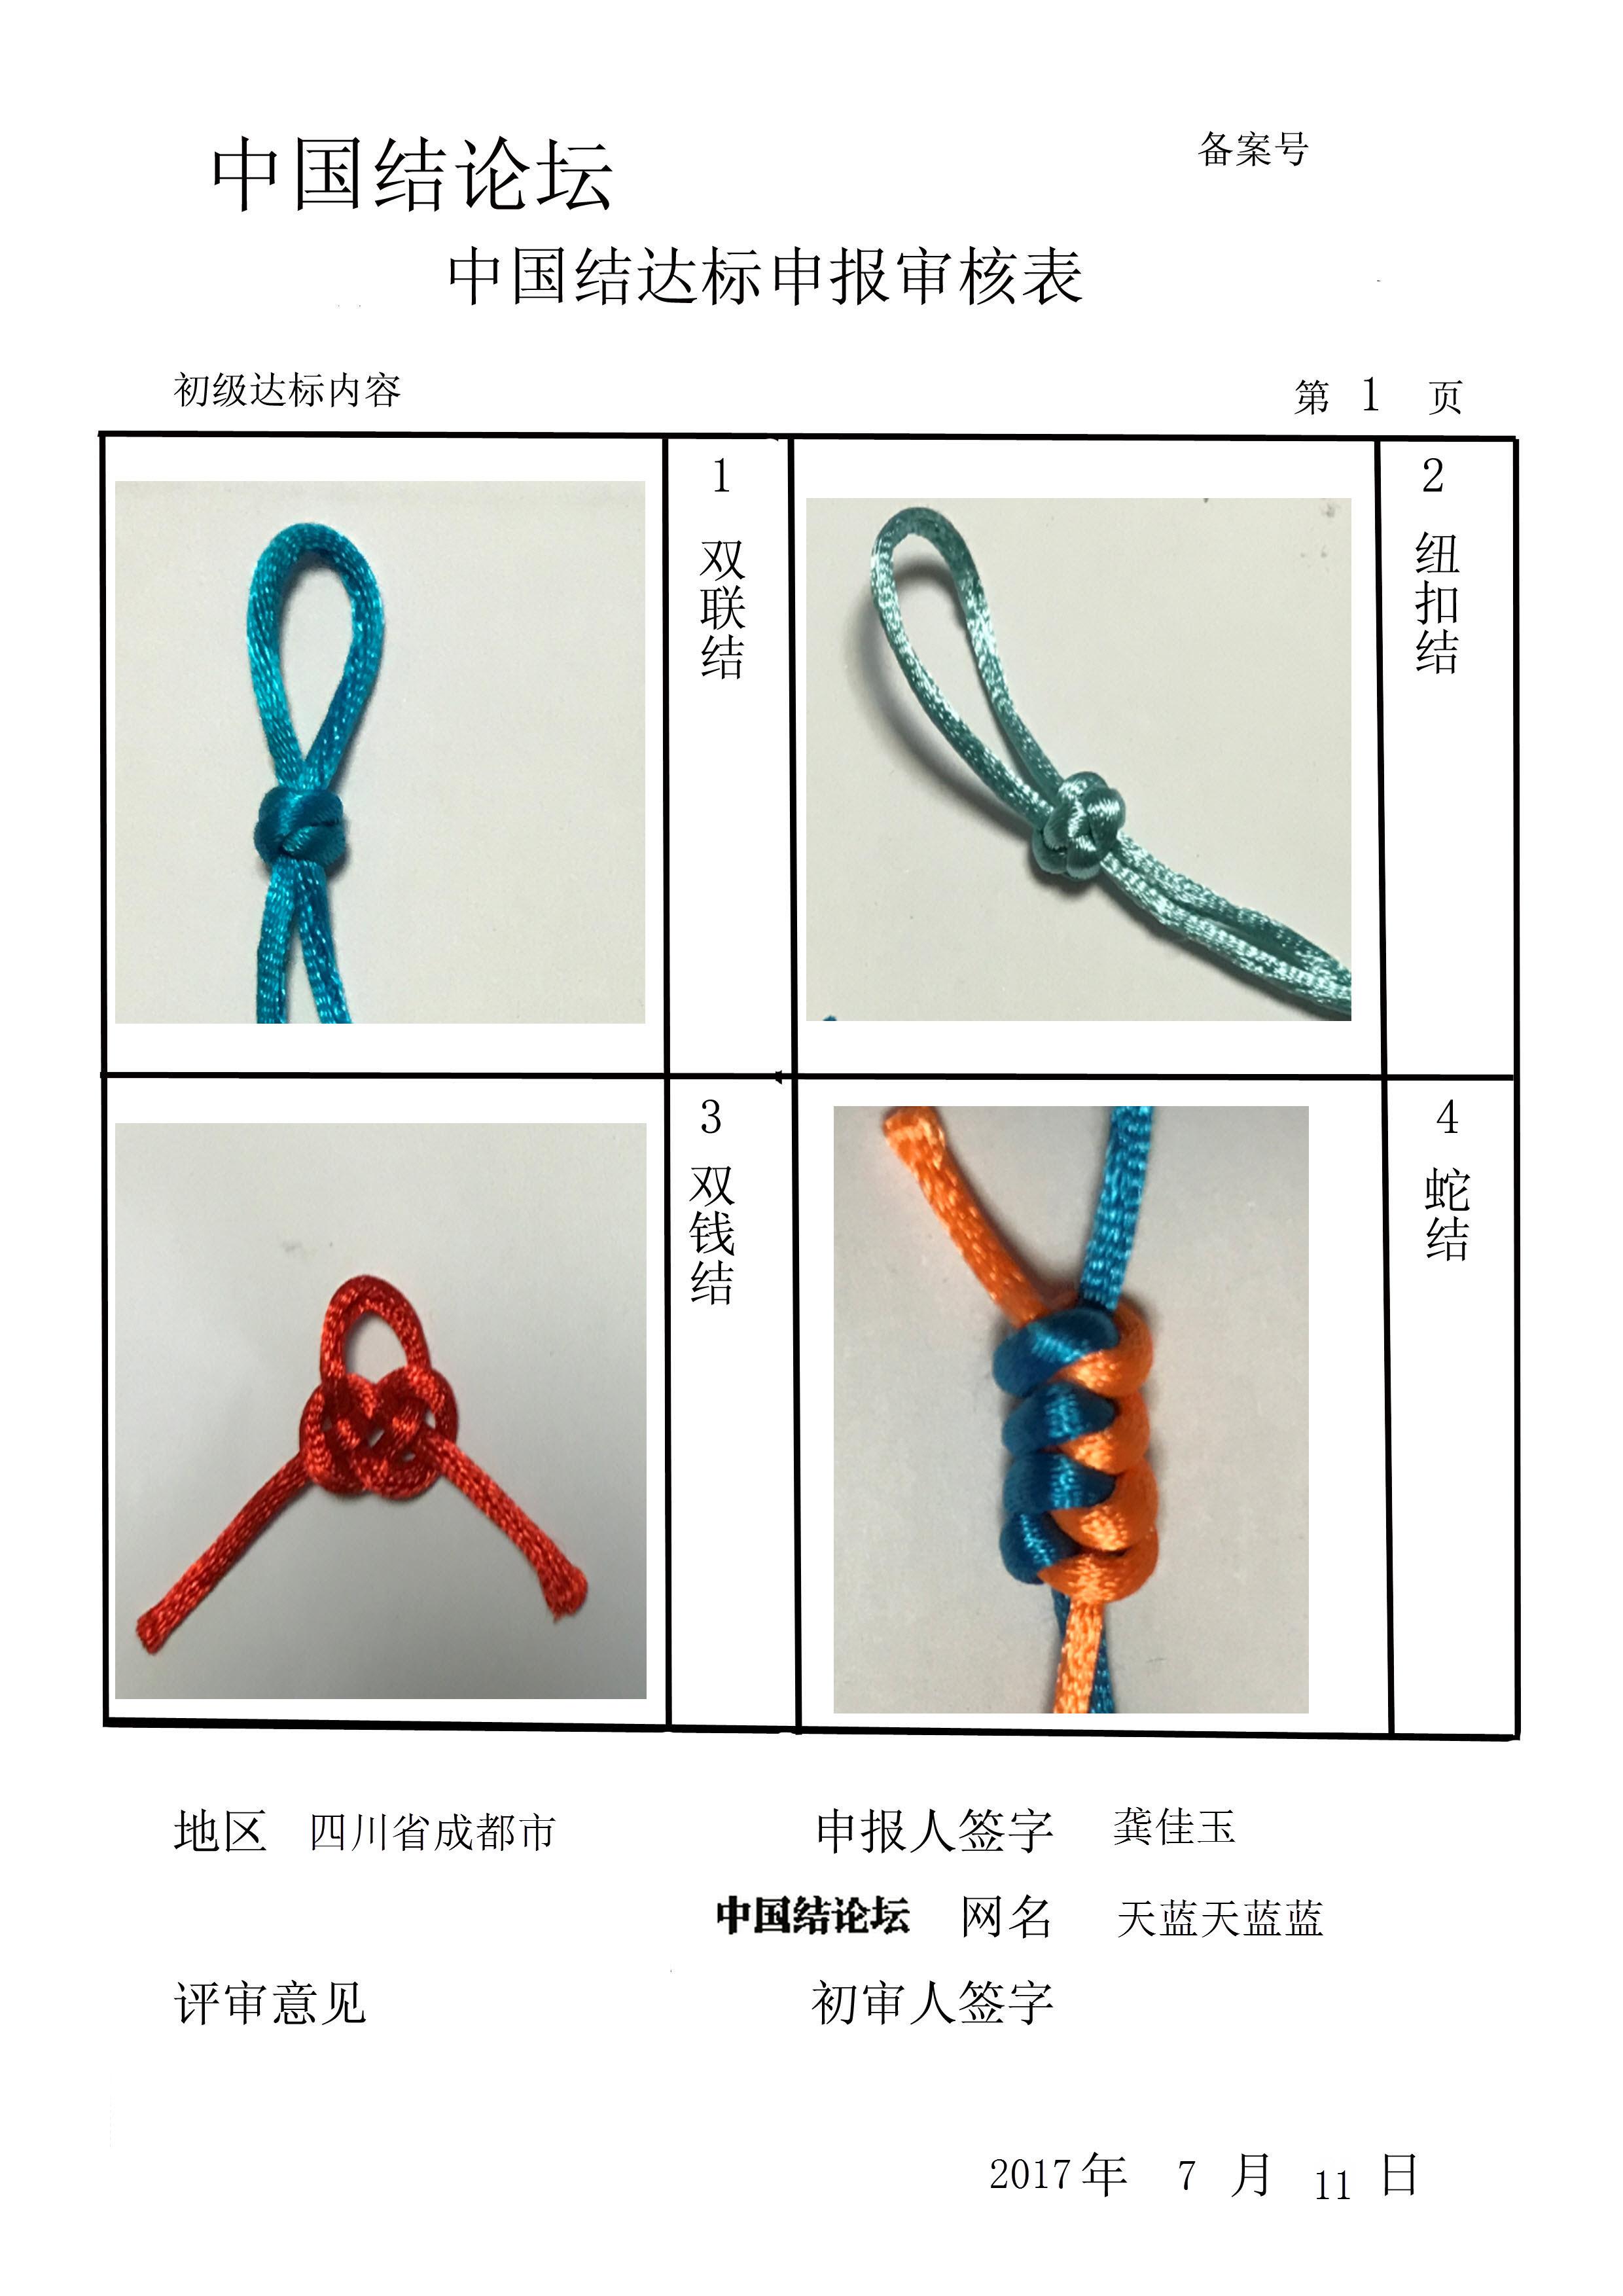 中国结论坛 天蓝天蓝蓝------初级达标审核稿 经过一个多月的努力,终于完成了,请老师提意见  中国绳结艺术分级达标审核 144158rwj46j1l6lglb0lz